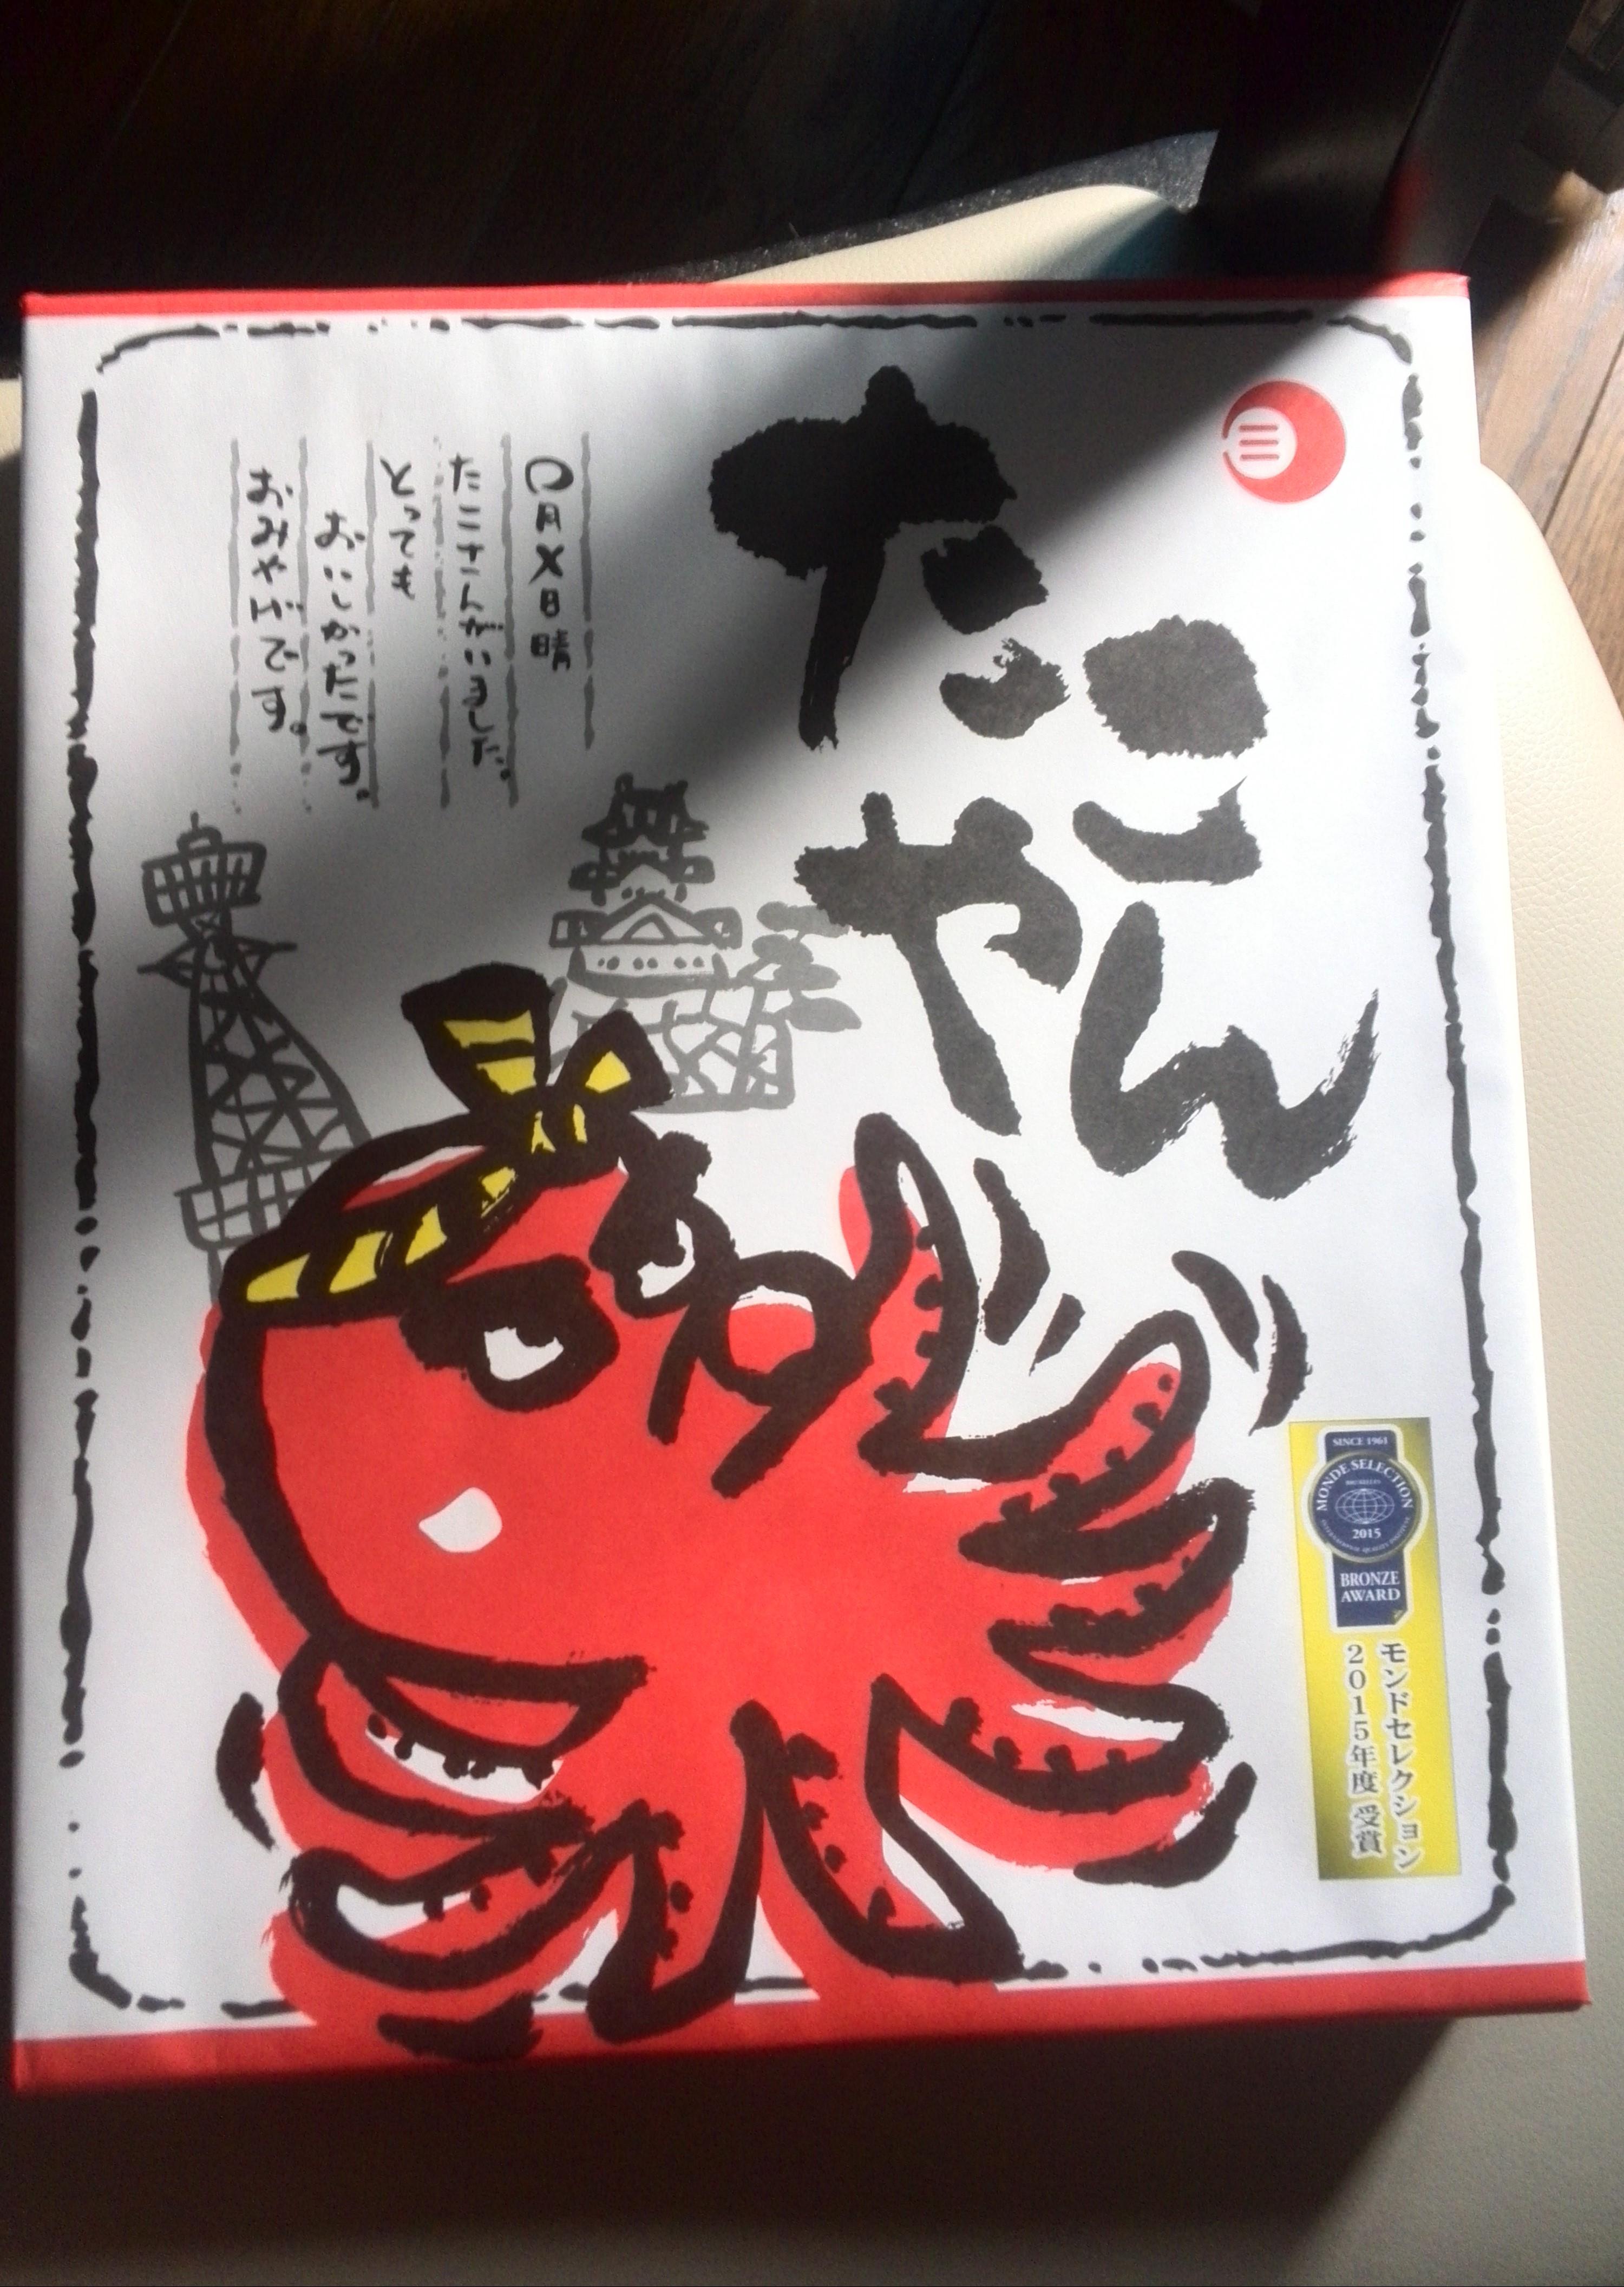 たこやんは大阪で売られてる土産で、饅頭をたこ焼きみたいな形にしたやつである